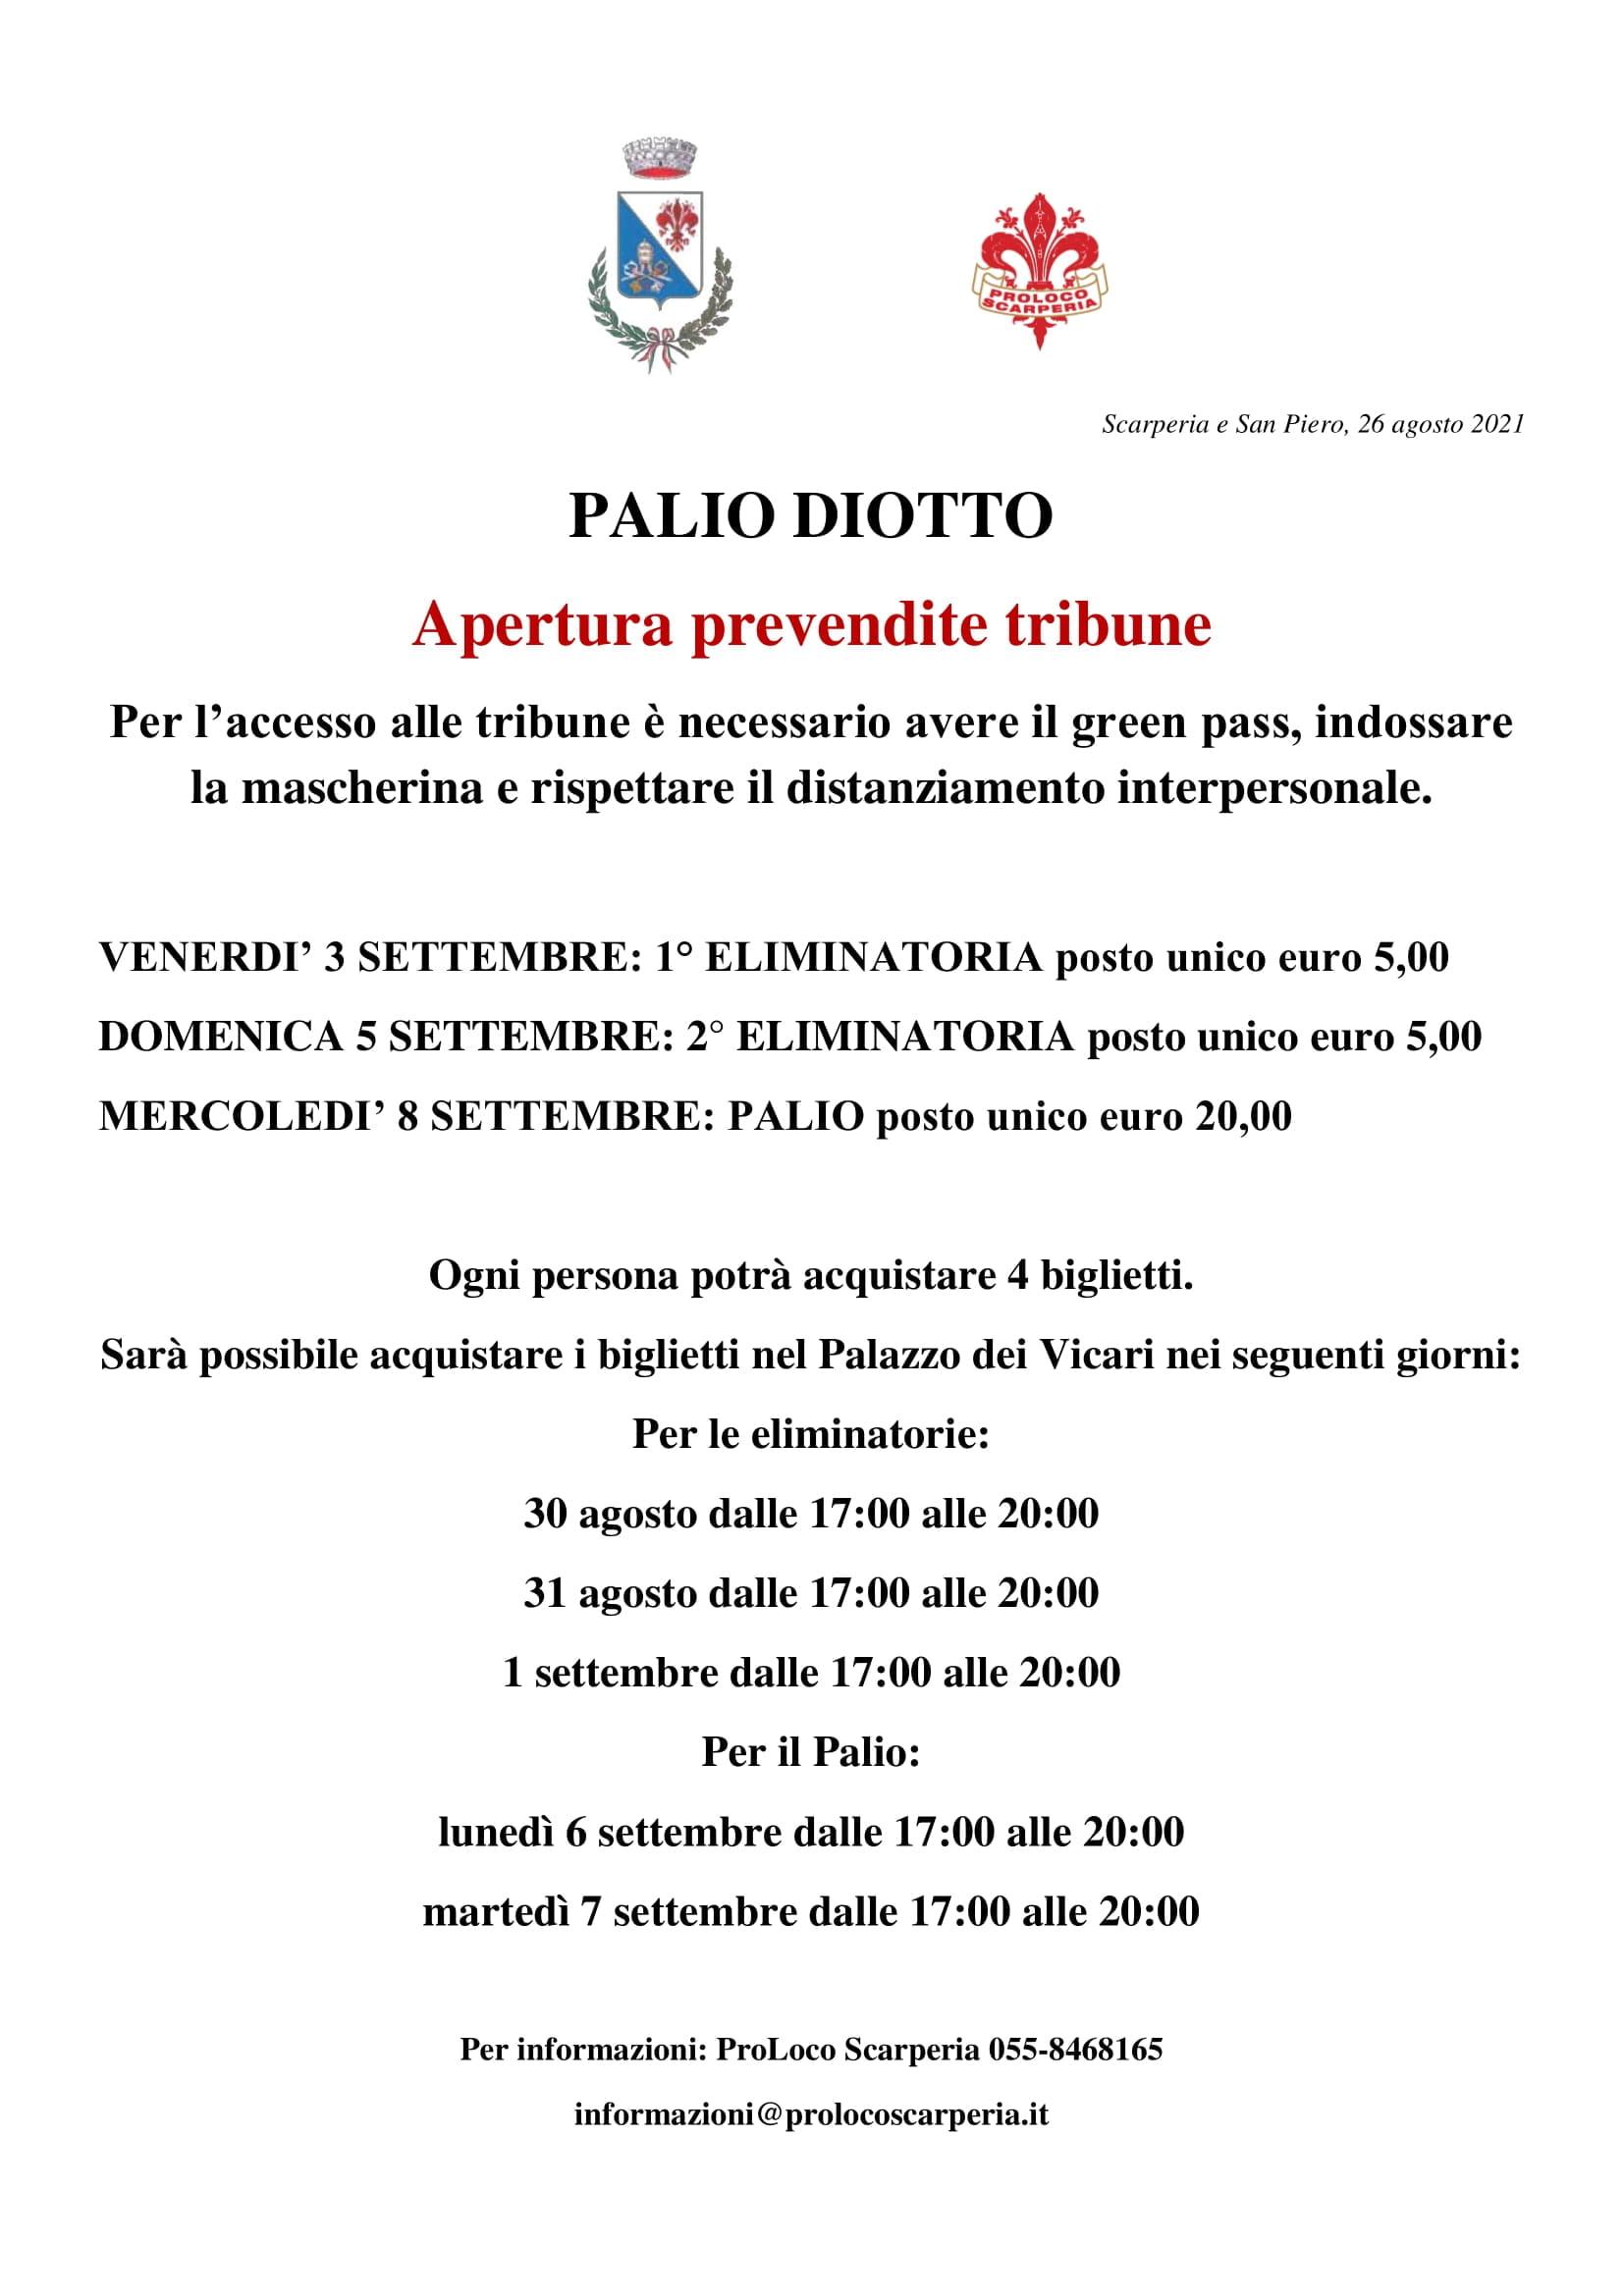 Prevendite tribune Diotto